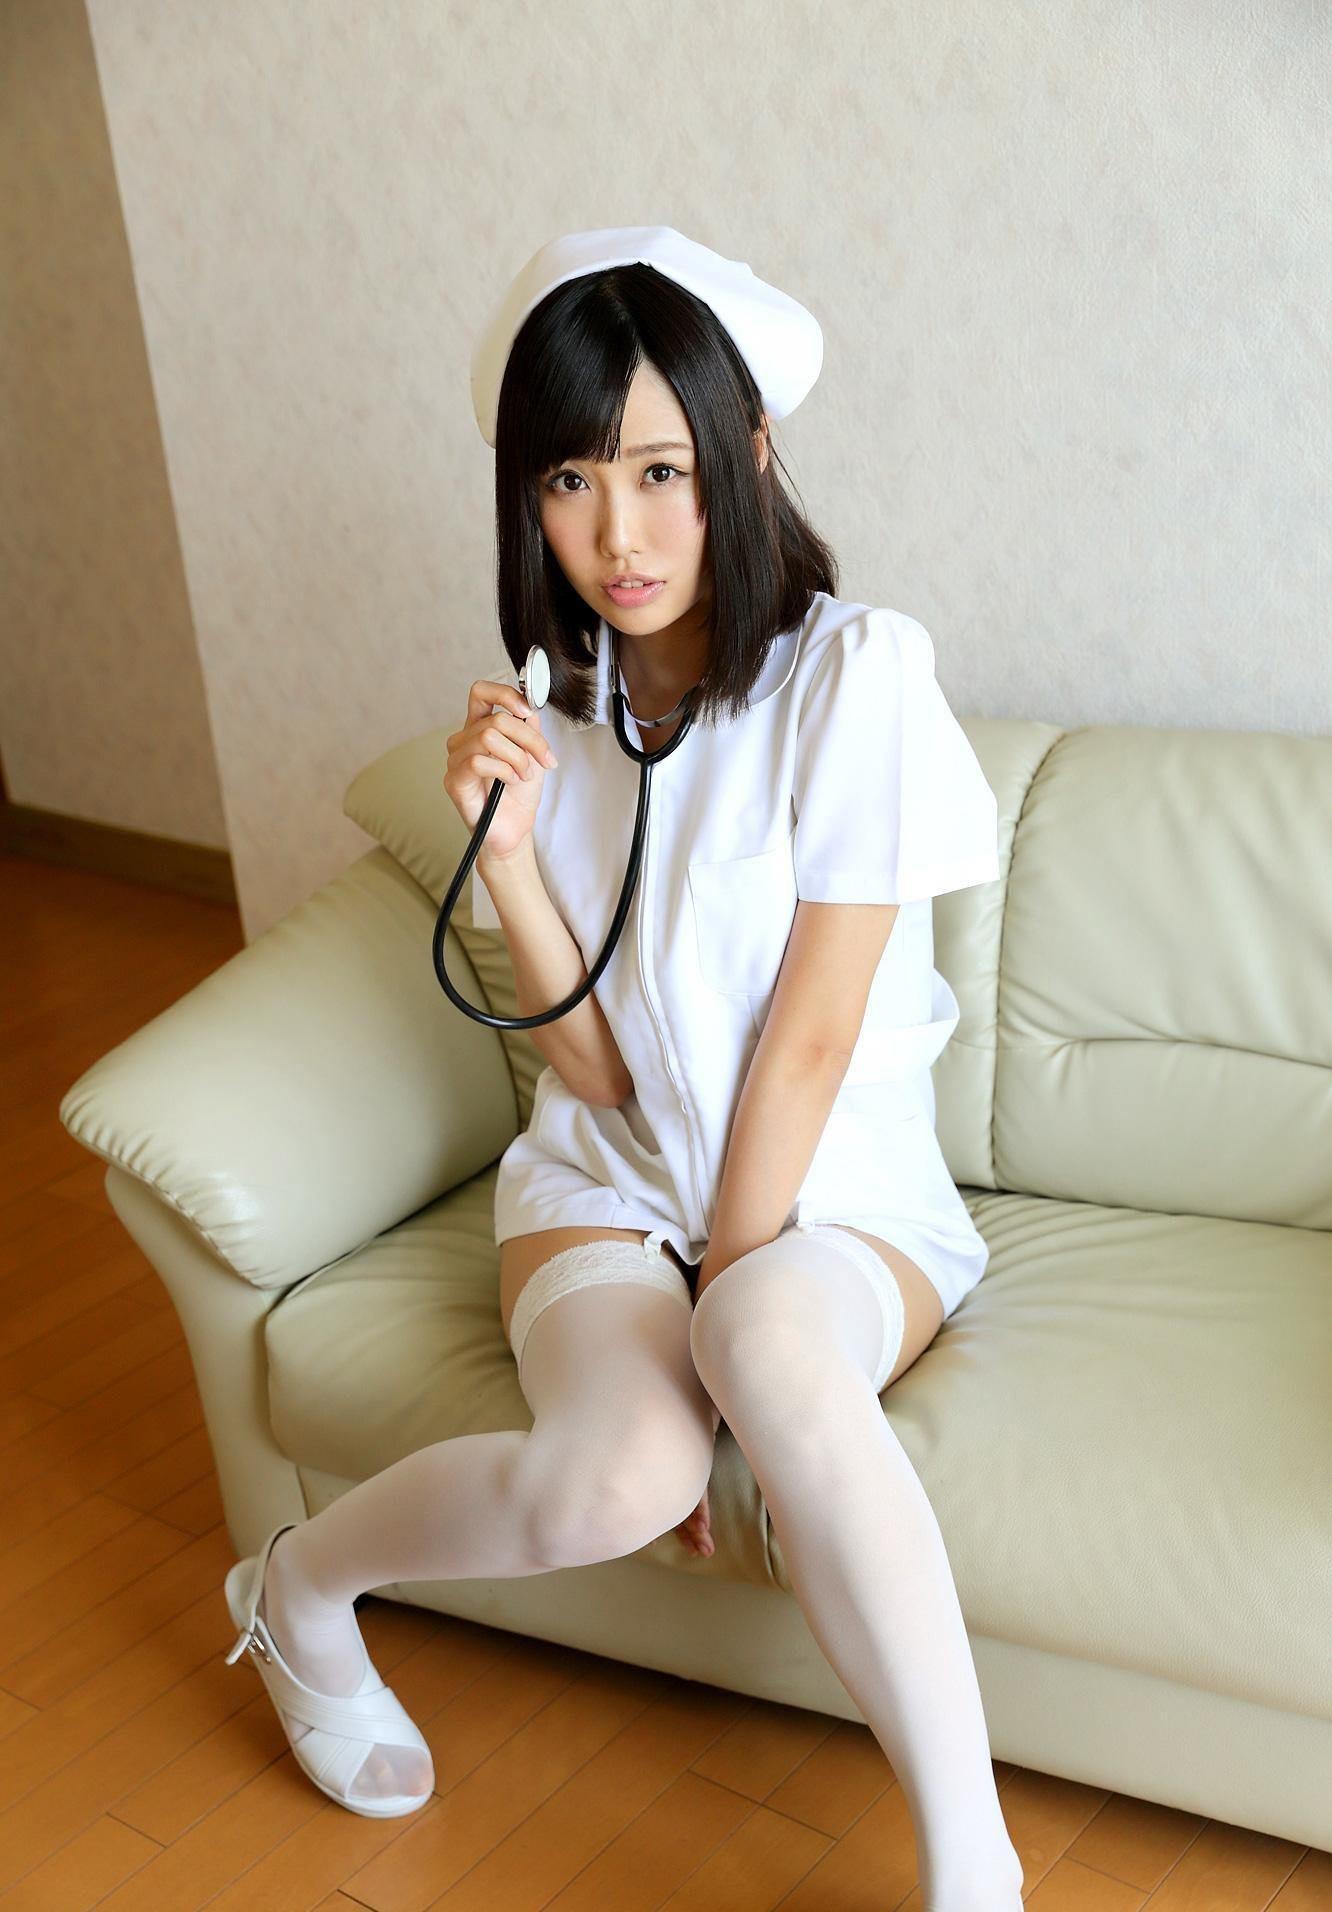 こんな清楚な看護婦さんに治療されたい!